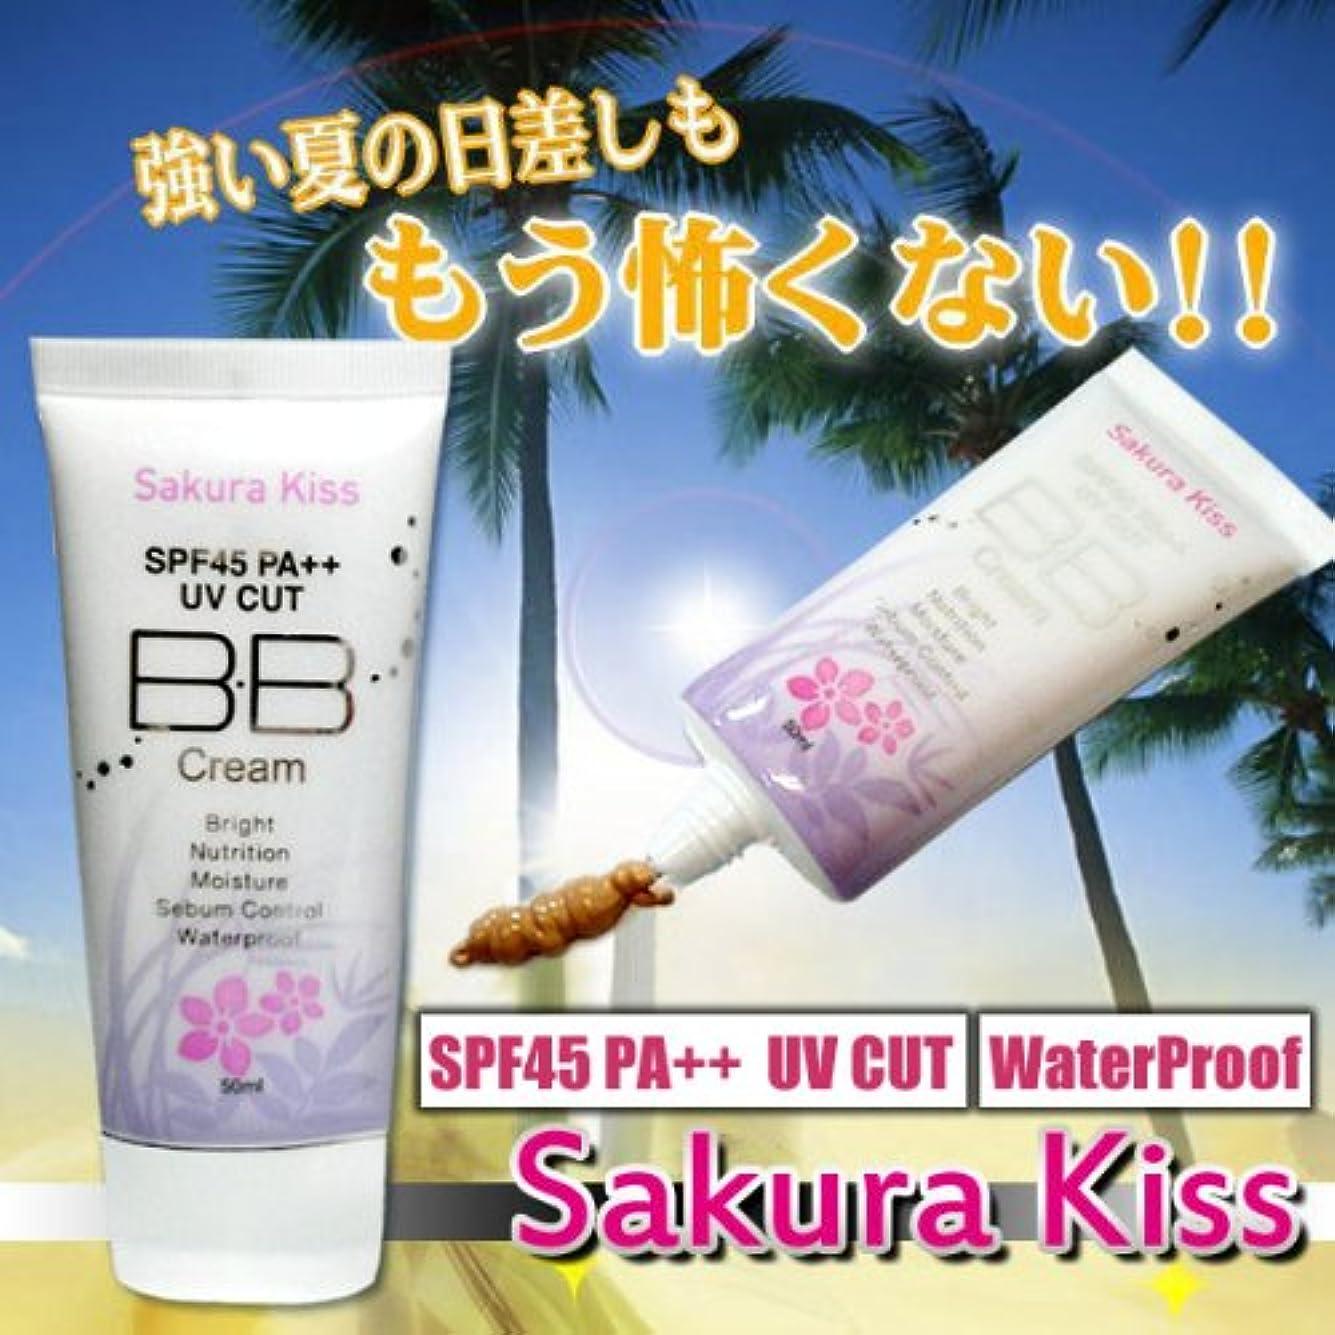 アコードながらパンSakura Kiss BBクリーム UVプロテクト SPF45PA++ 50ml